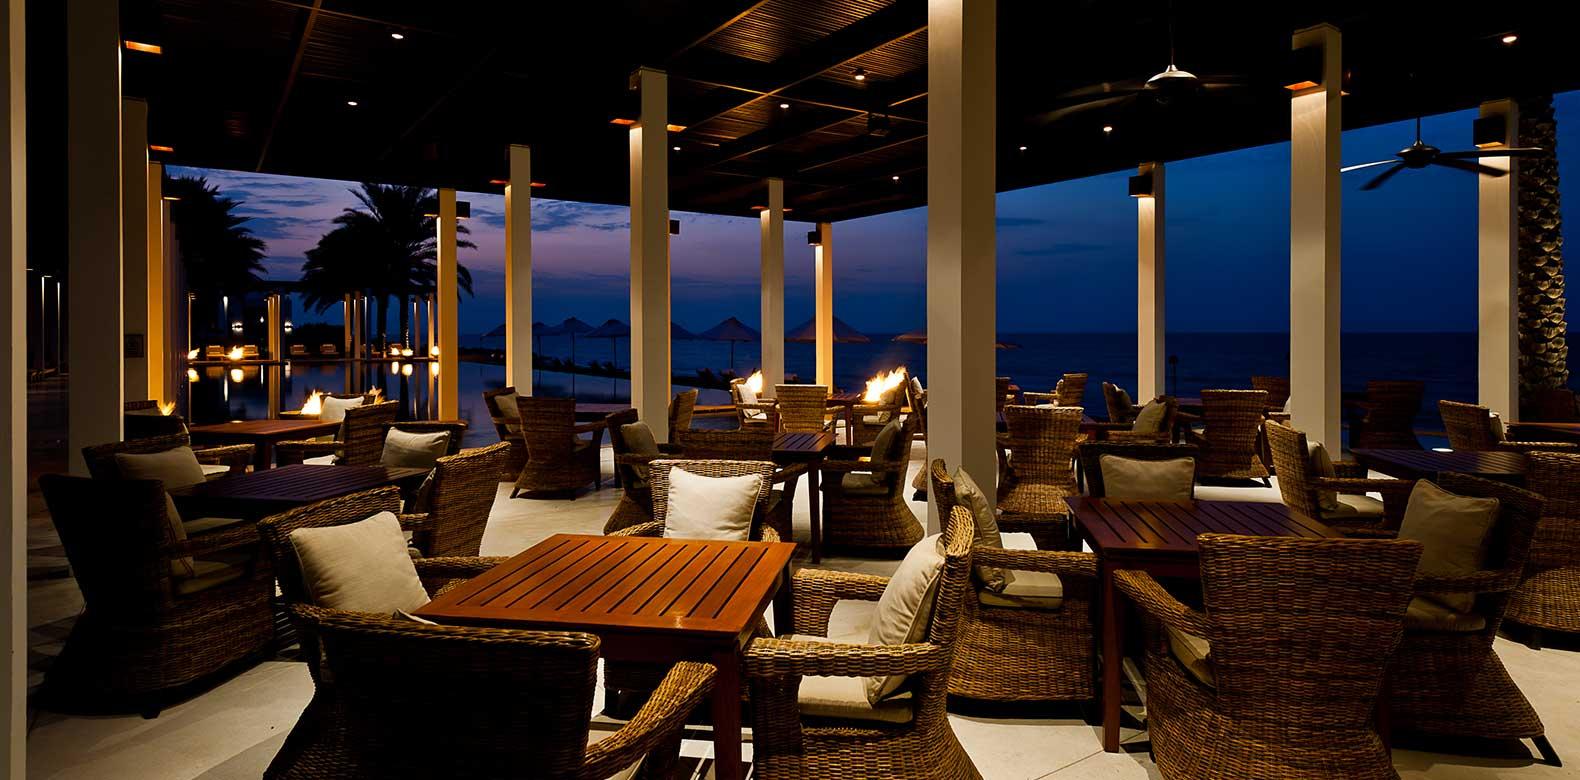 Hotel The Chedi Mu Oman 5 Sterne